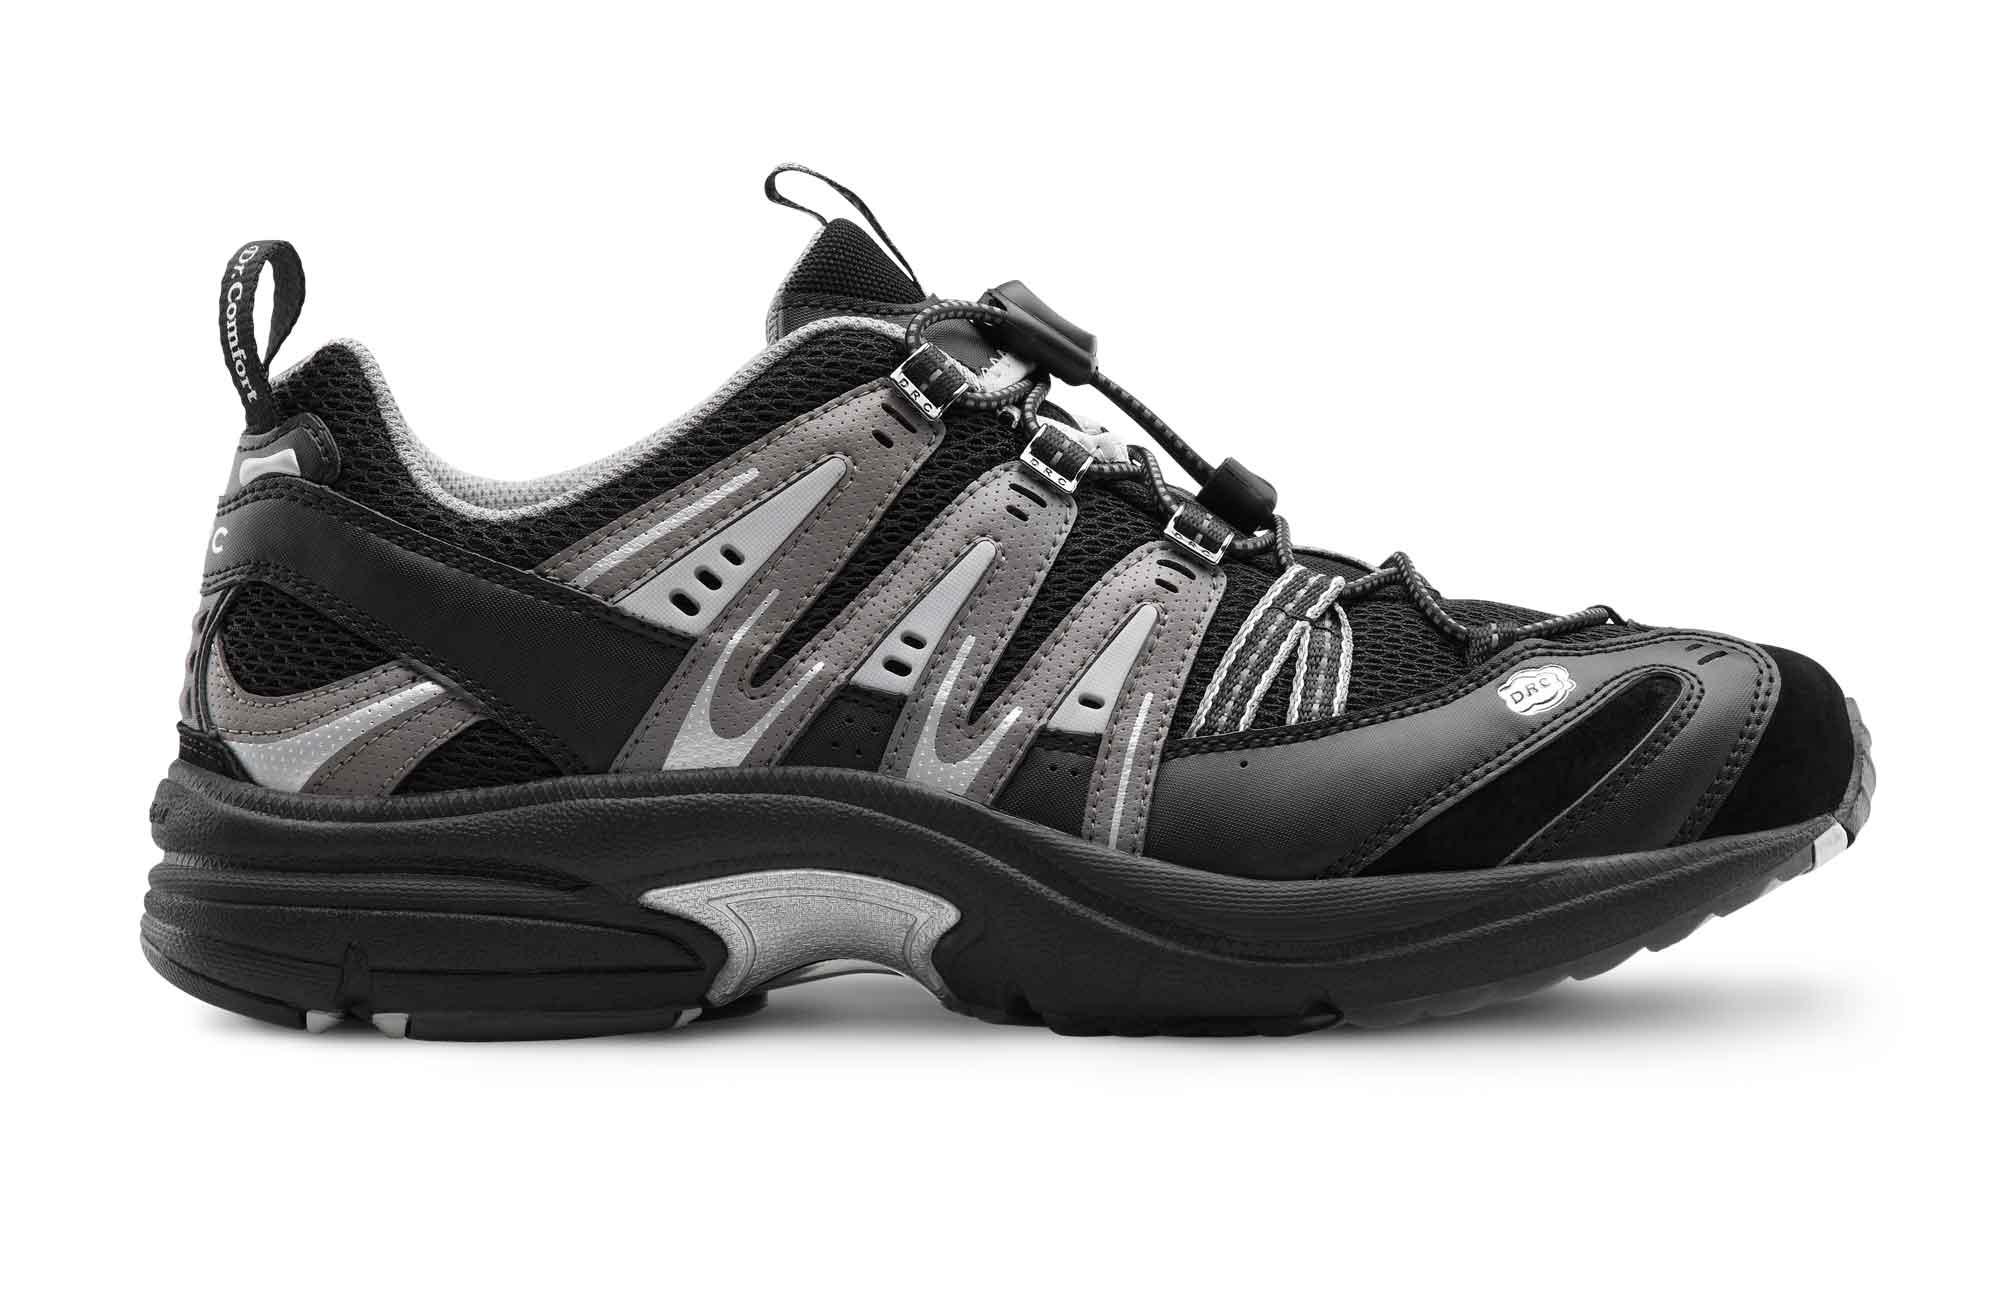 oben Orthopädische Schuhe von Dr. Comfort DJO Global zu